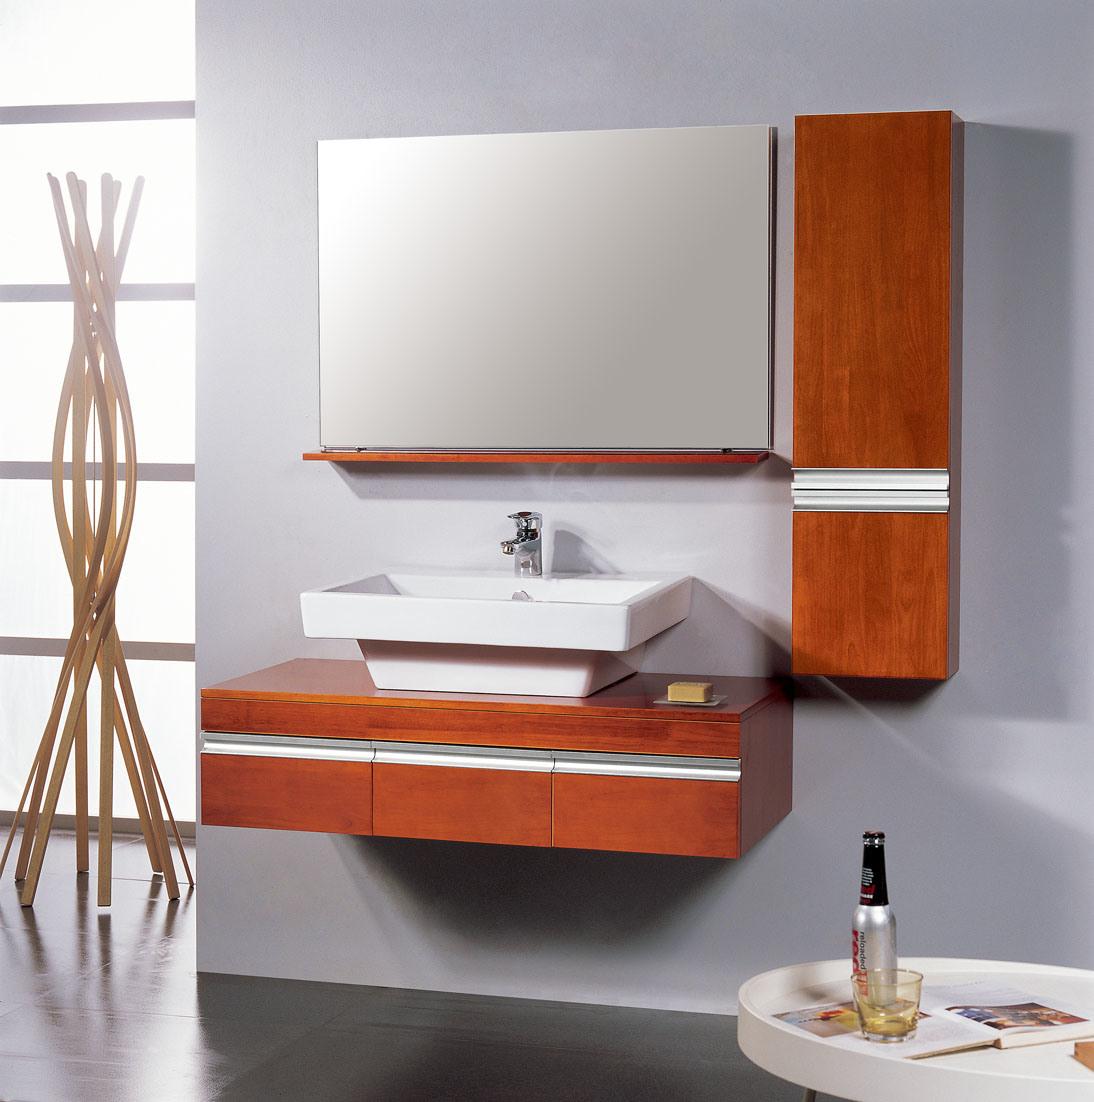 Muebles habitacion madera 20170816050759 - Muebles para habitacion ...